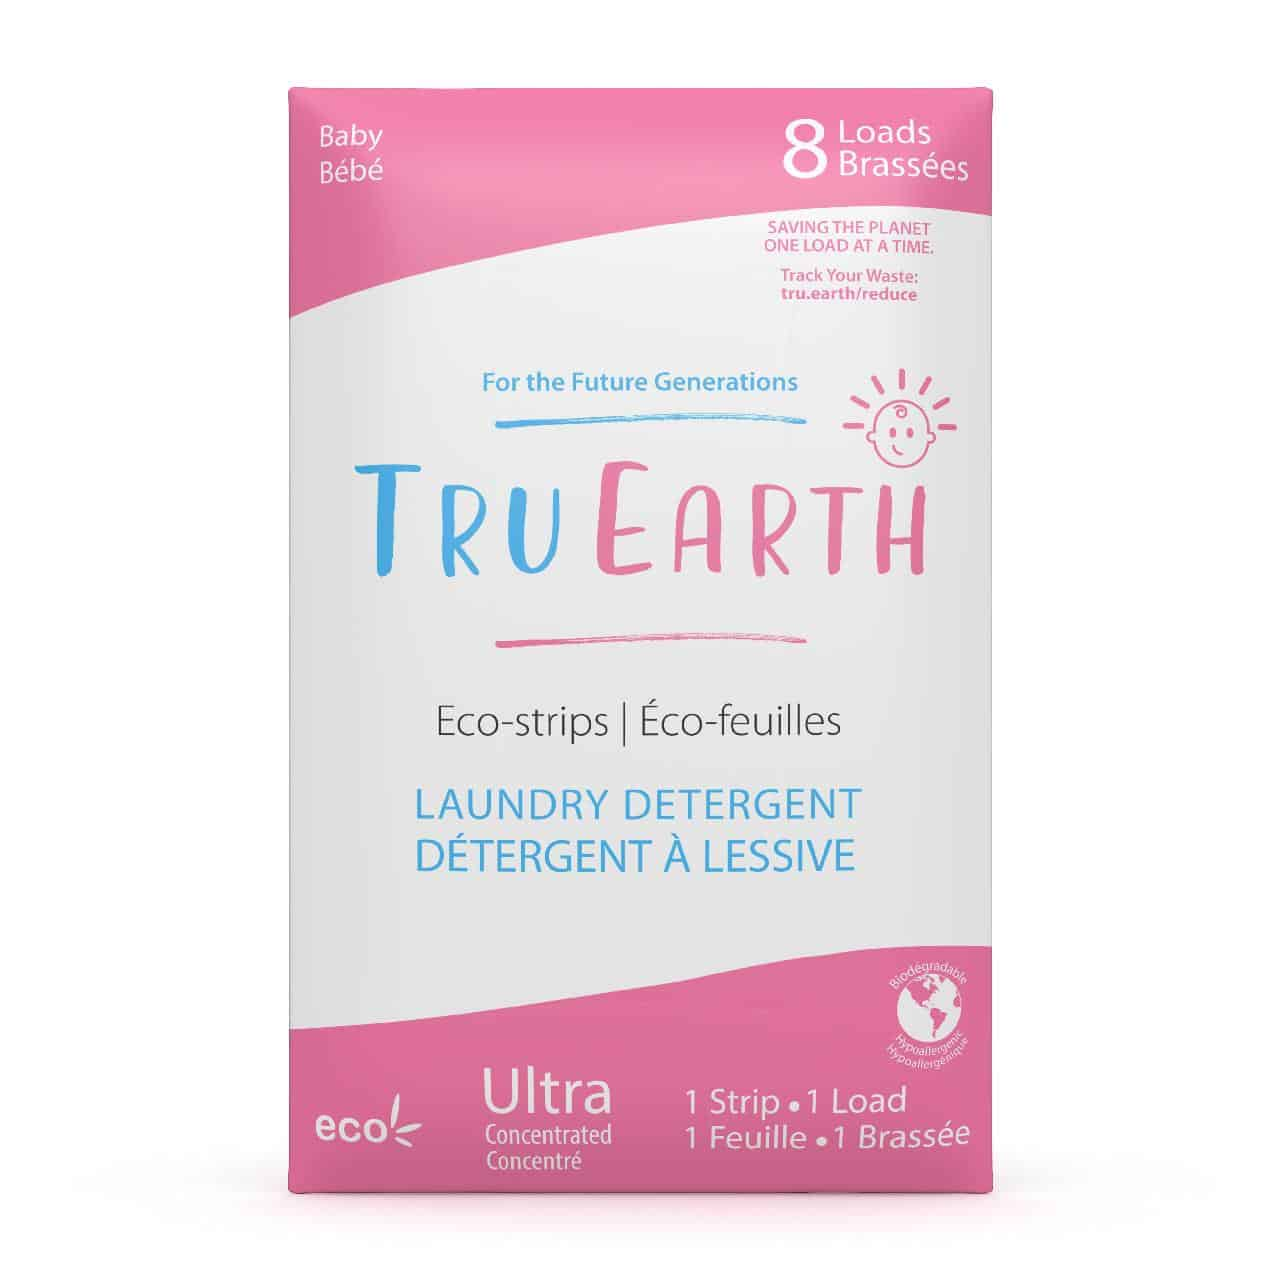 Tru Earth - Tru Earth Eco-strips Laundry Detergent (Baby) – 8 Loads | NOW: $9.95